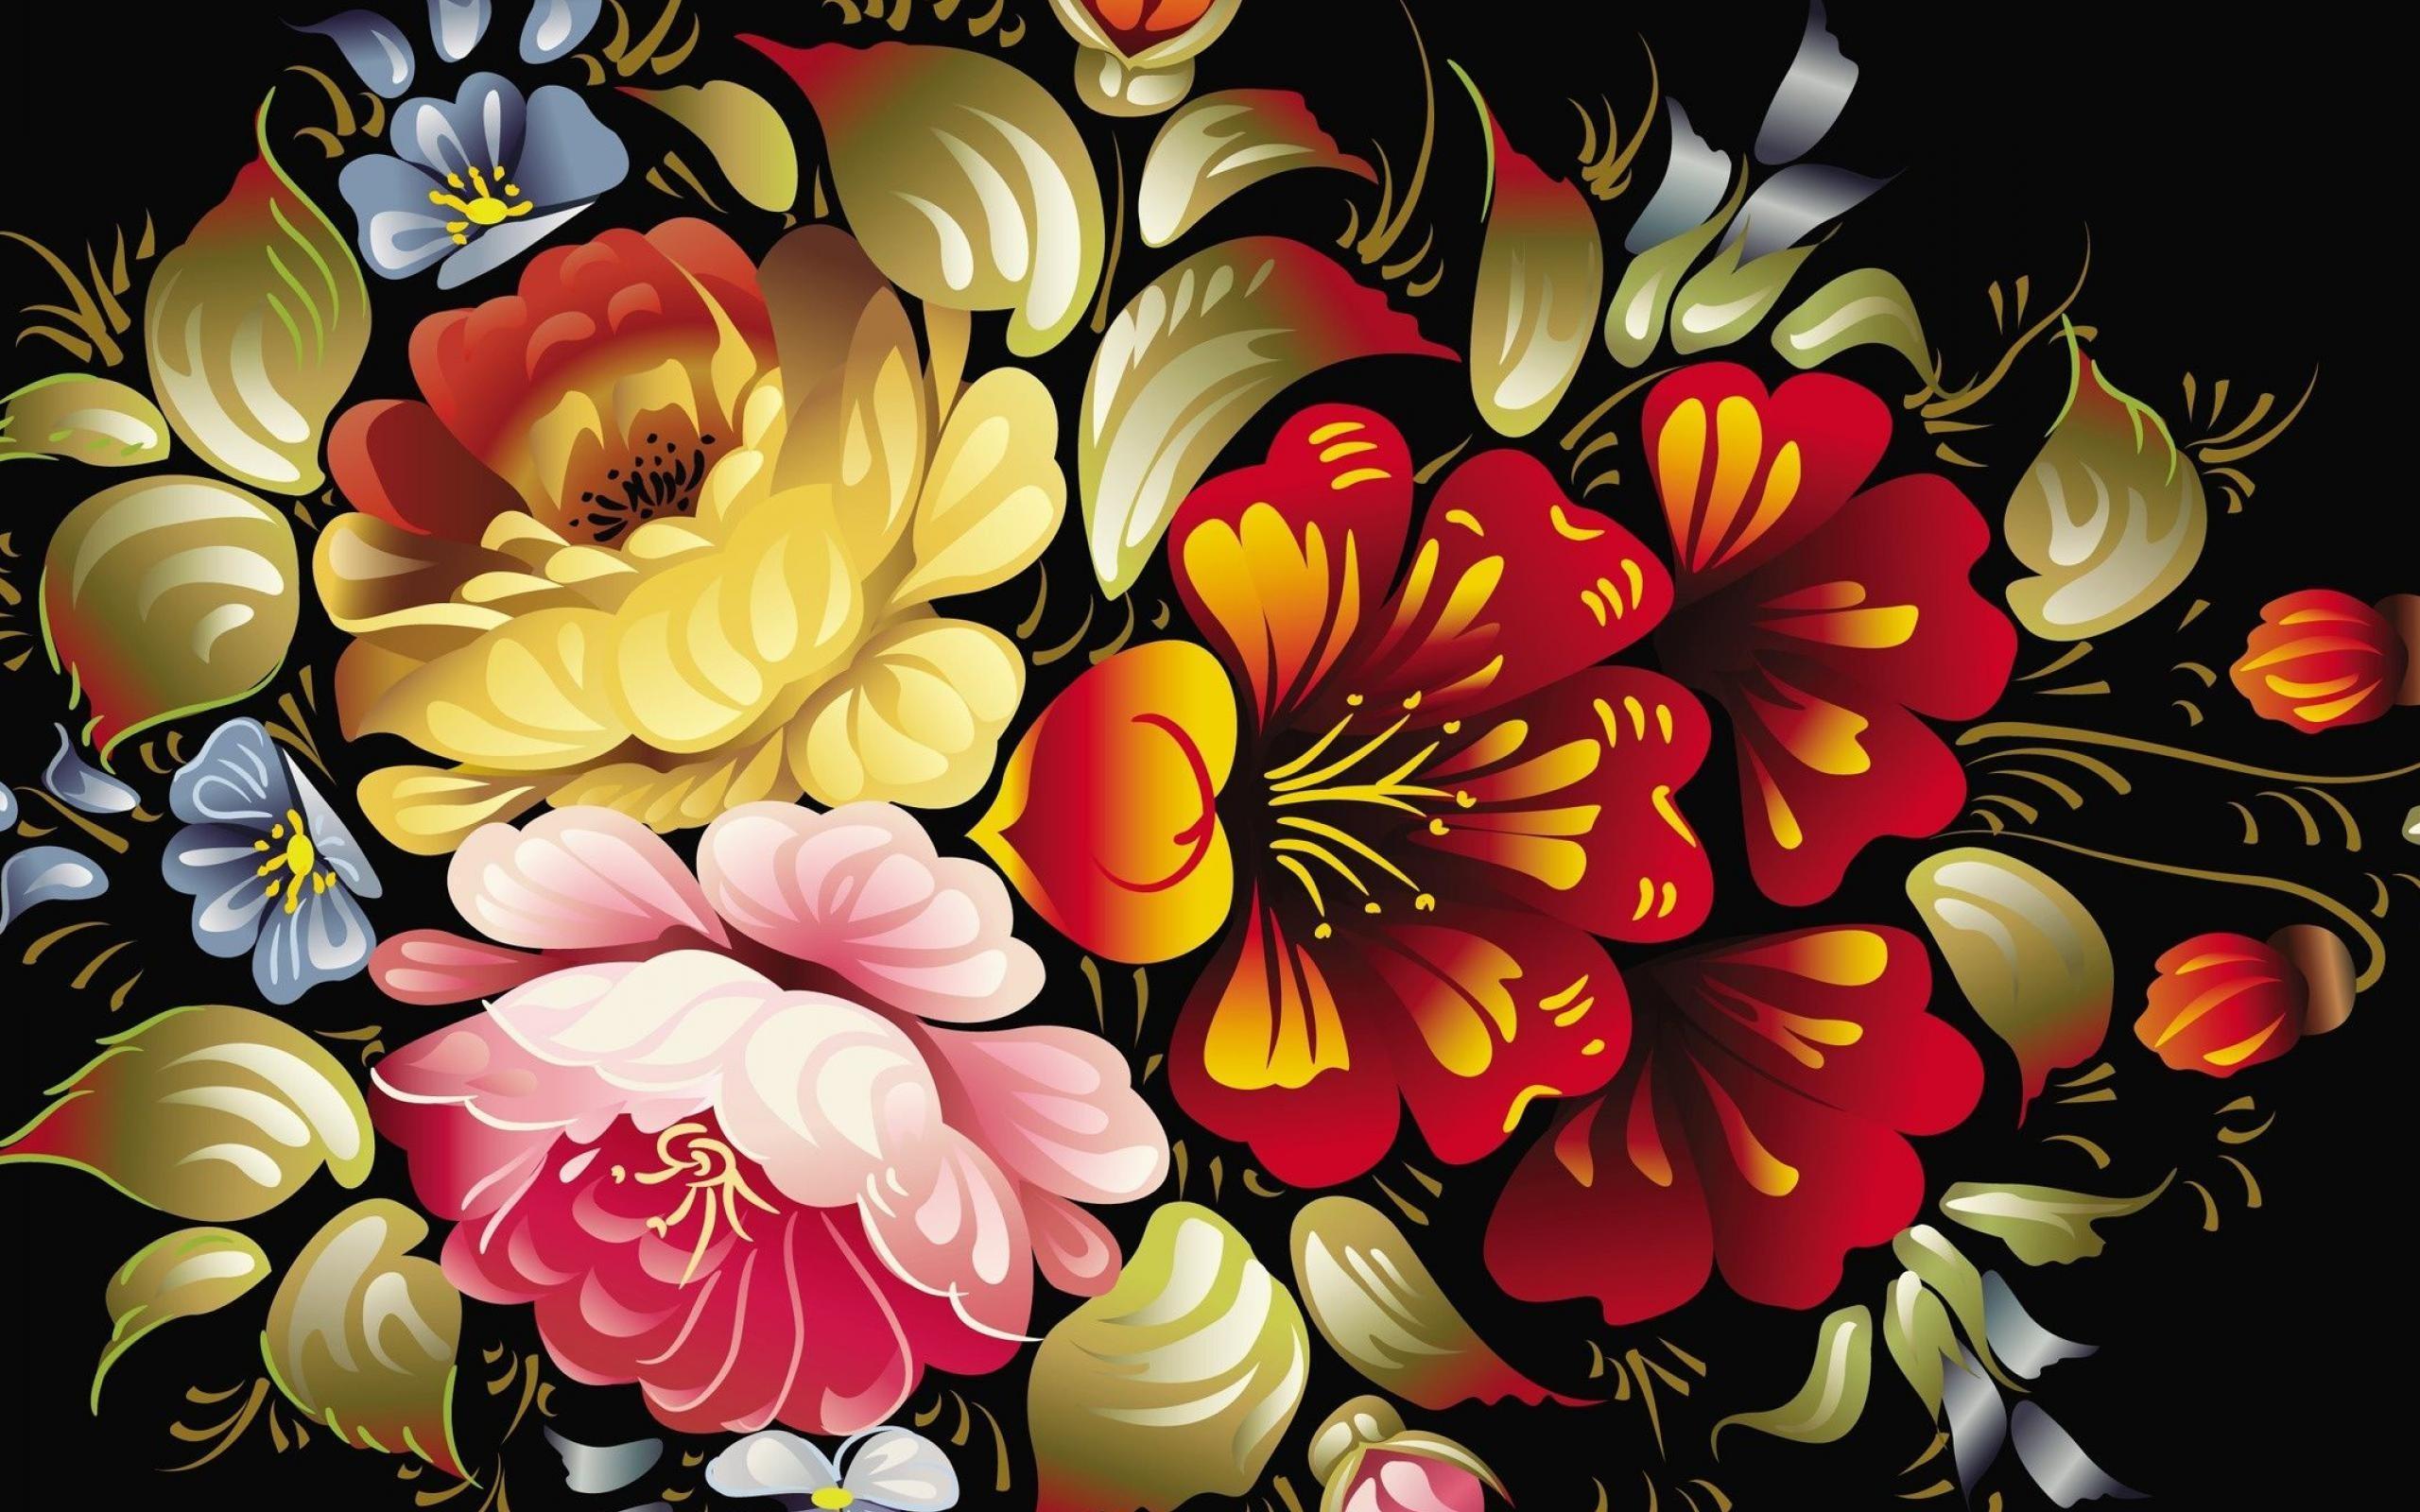 Unique Design Art Wallpapers Wallpaper Cave